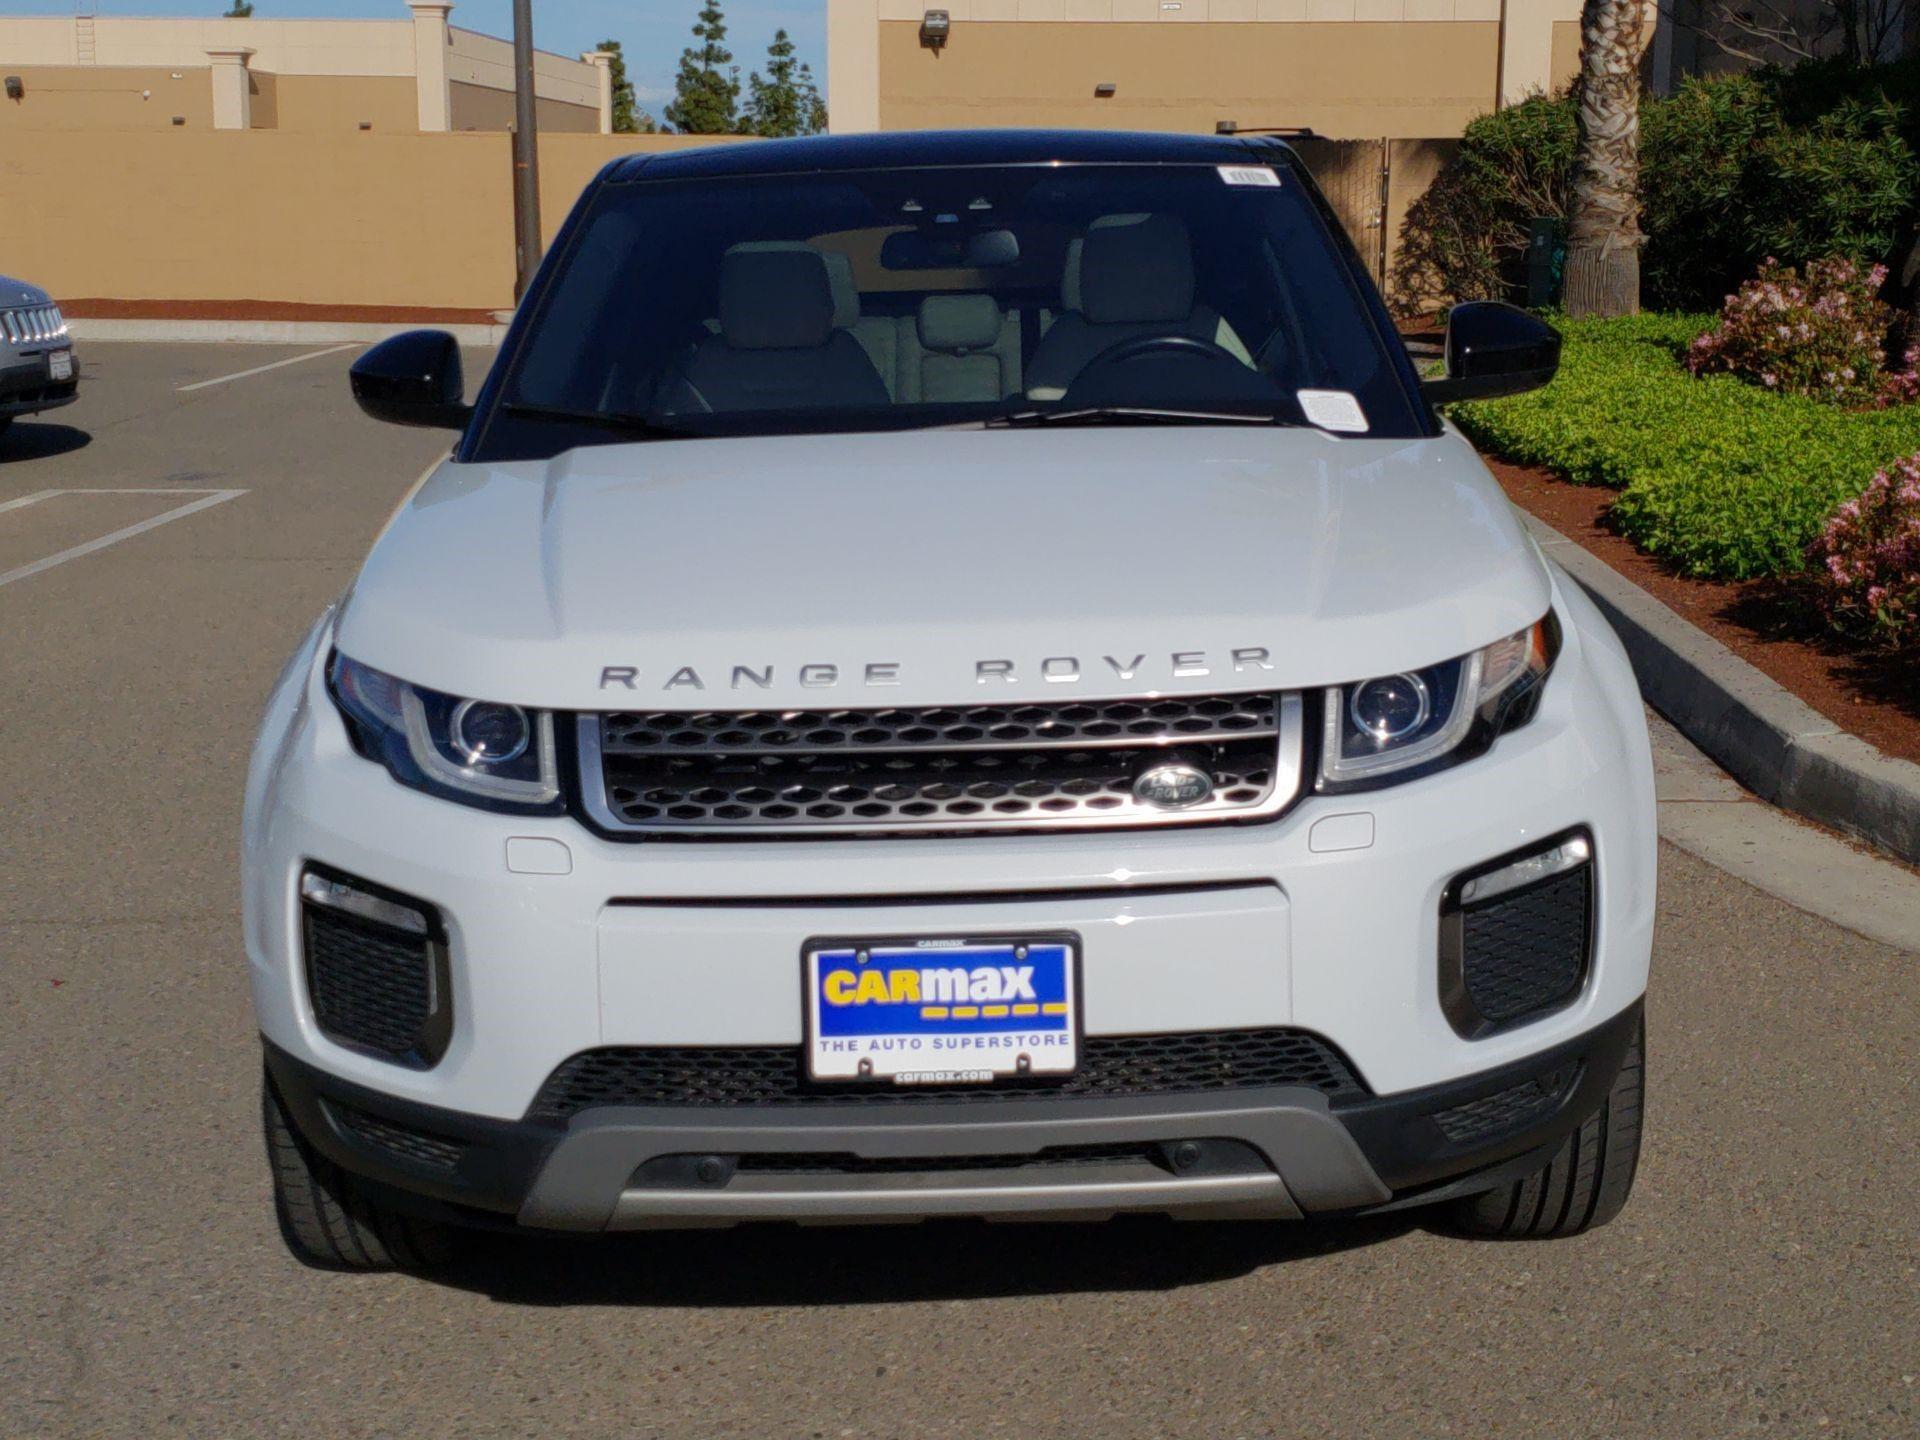 Used 2016 Land Rover Range Rover Evoque In Reno Nevada Carmax